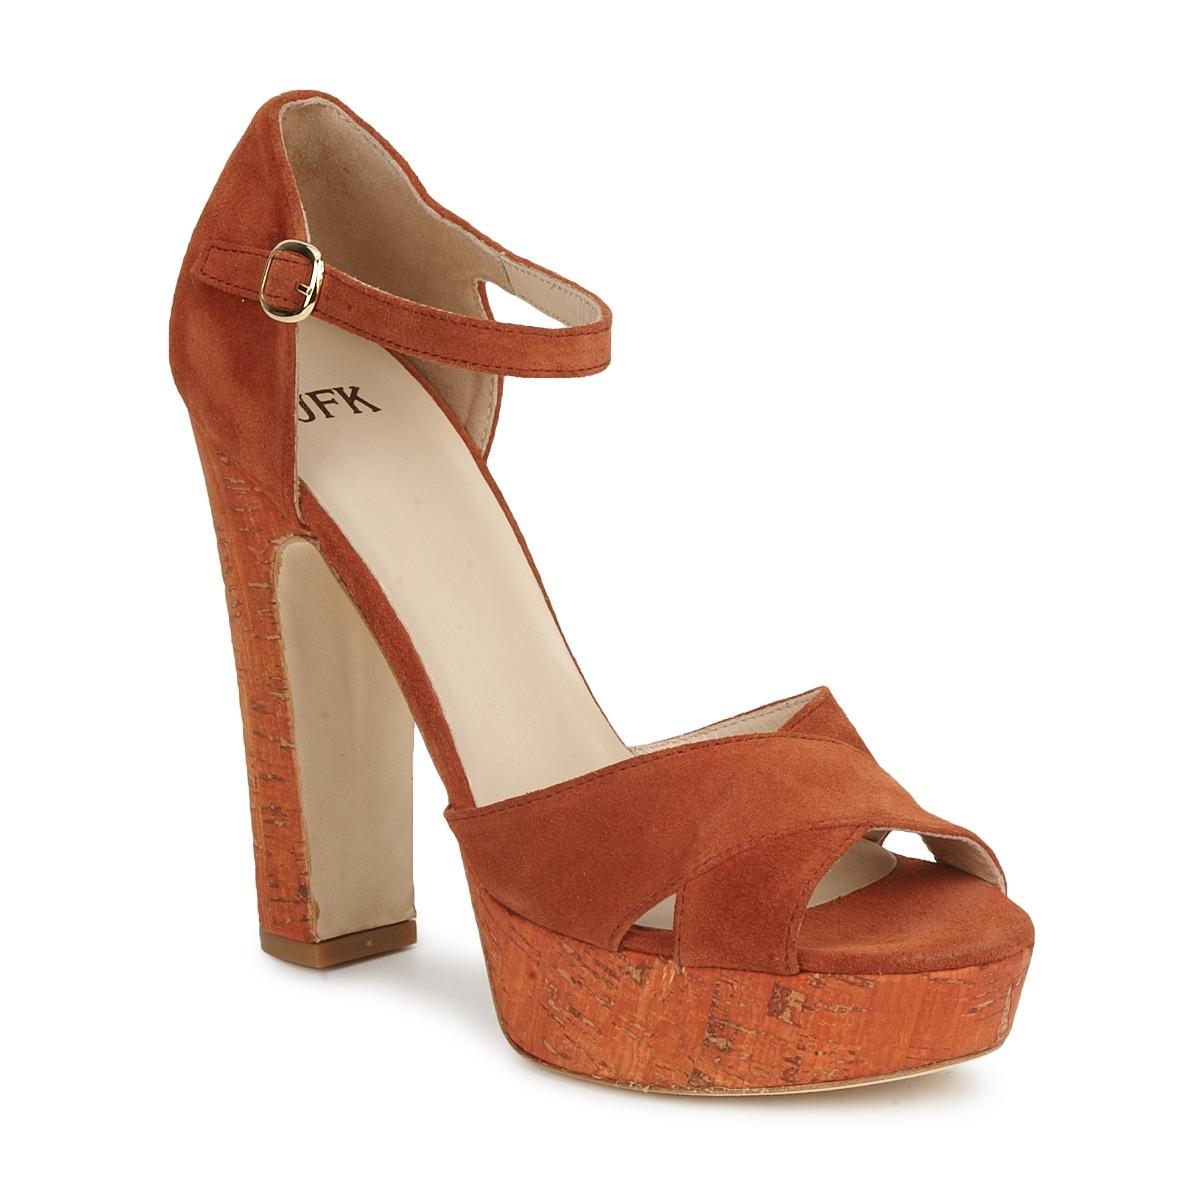 Sandals JFK  Orange